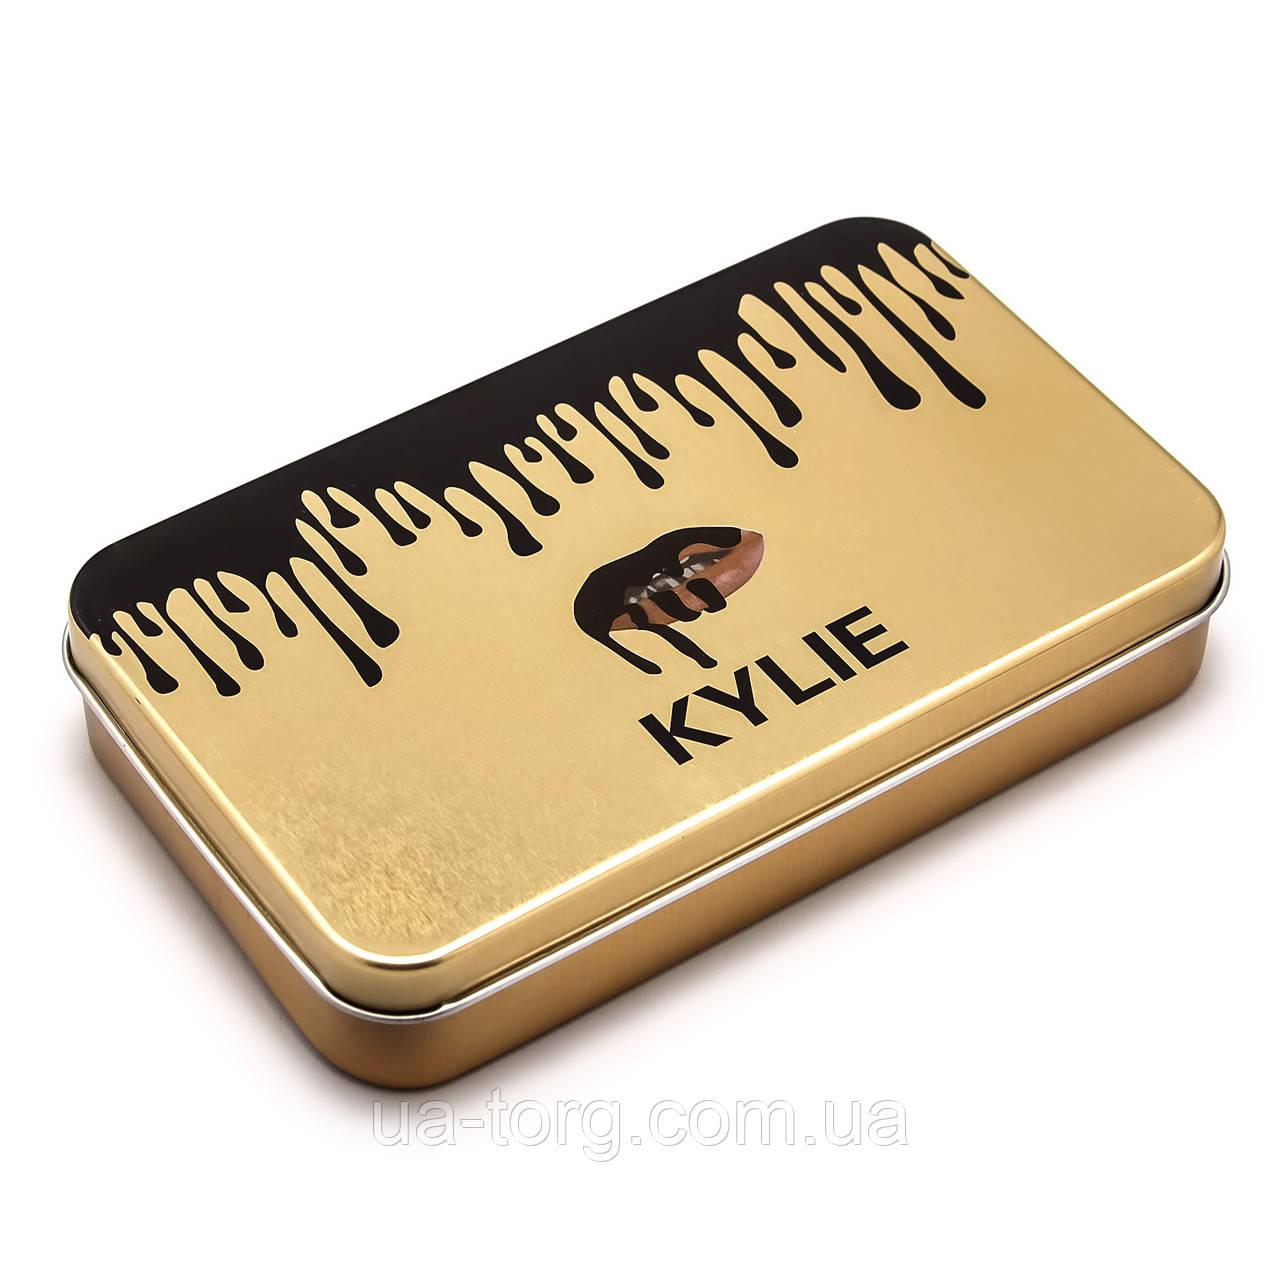 Набор кистей для макияжа Kylie в контейнере